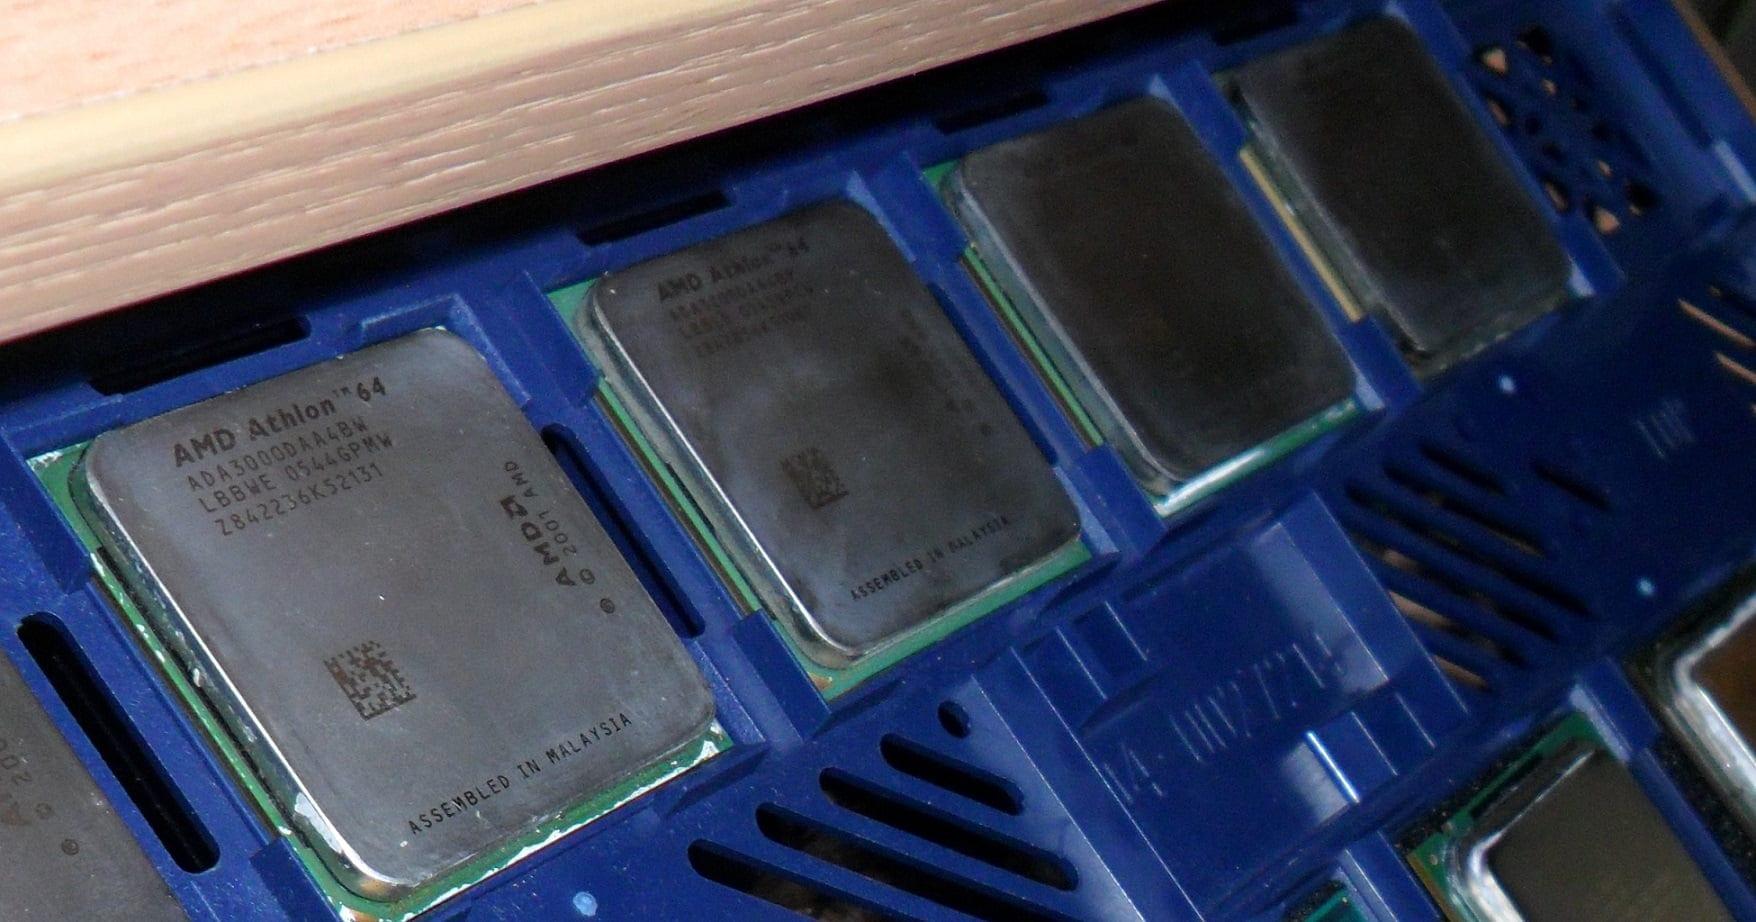 Обзор, разгон и тестирование процессора AMD Athlon 64 3700+